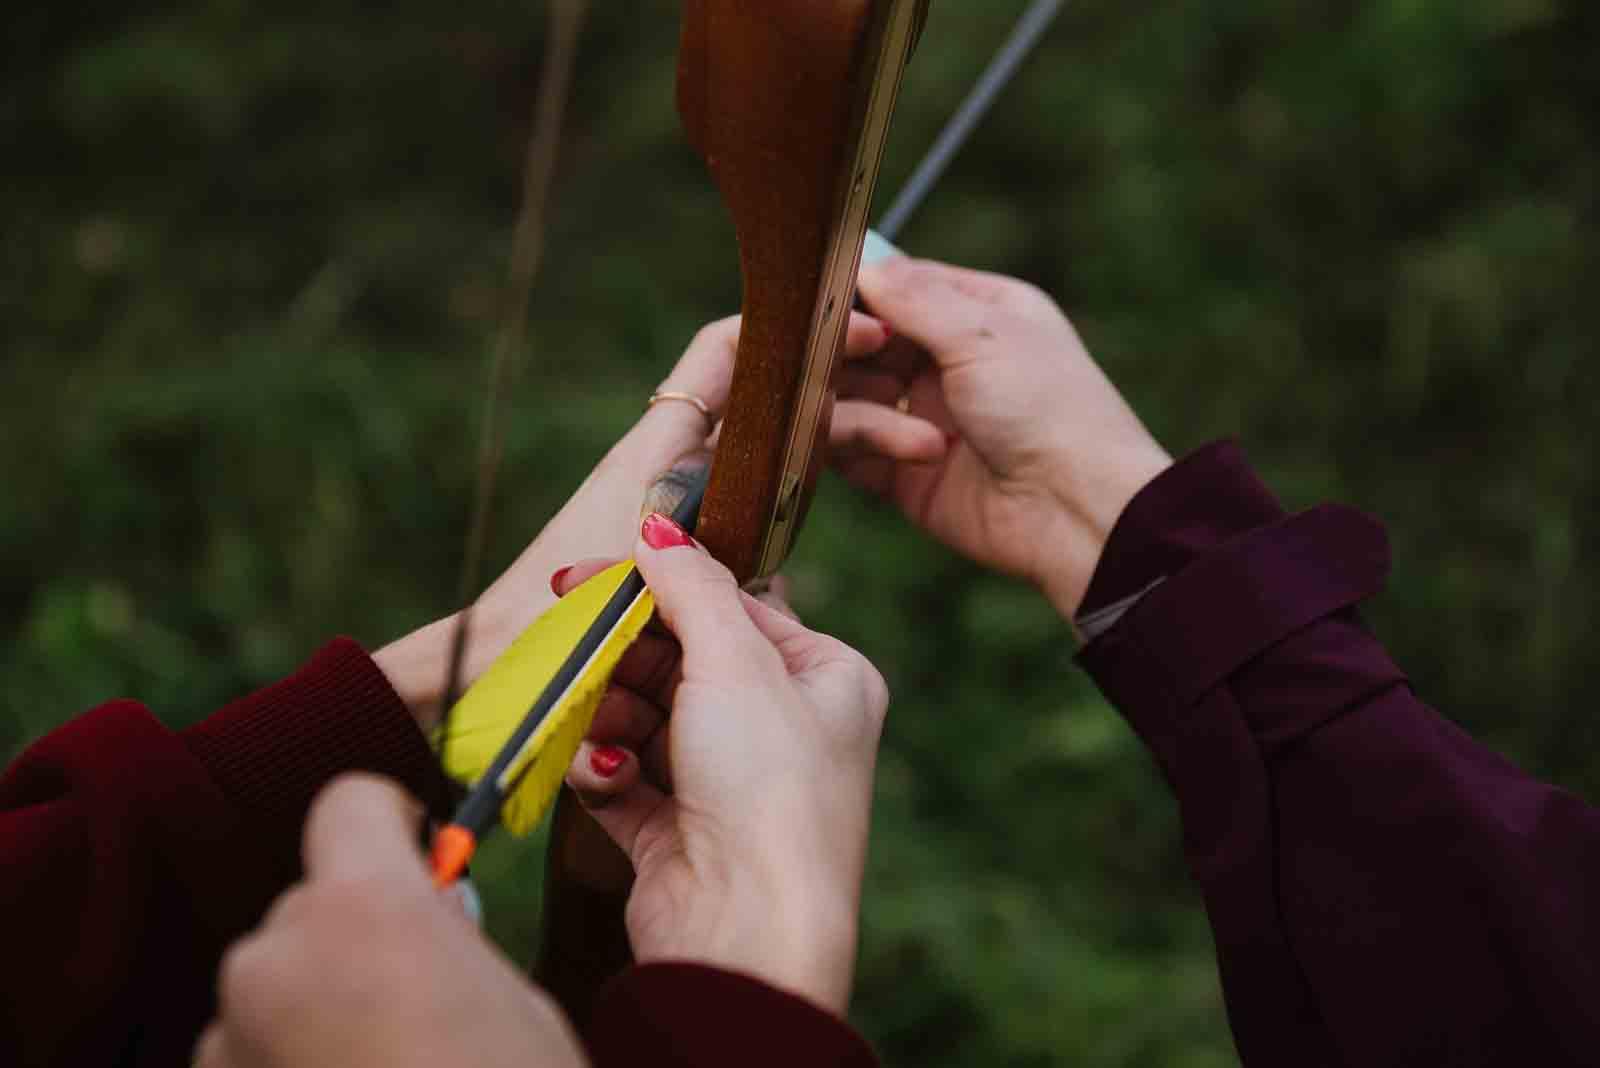 лук и стрела в руках